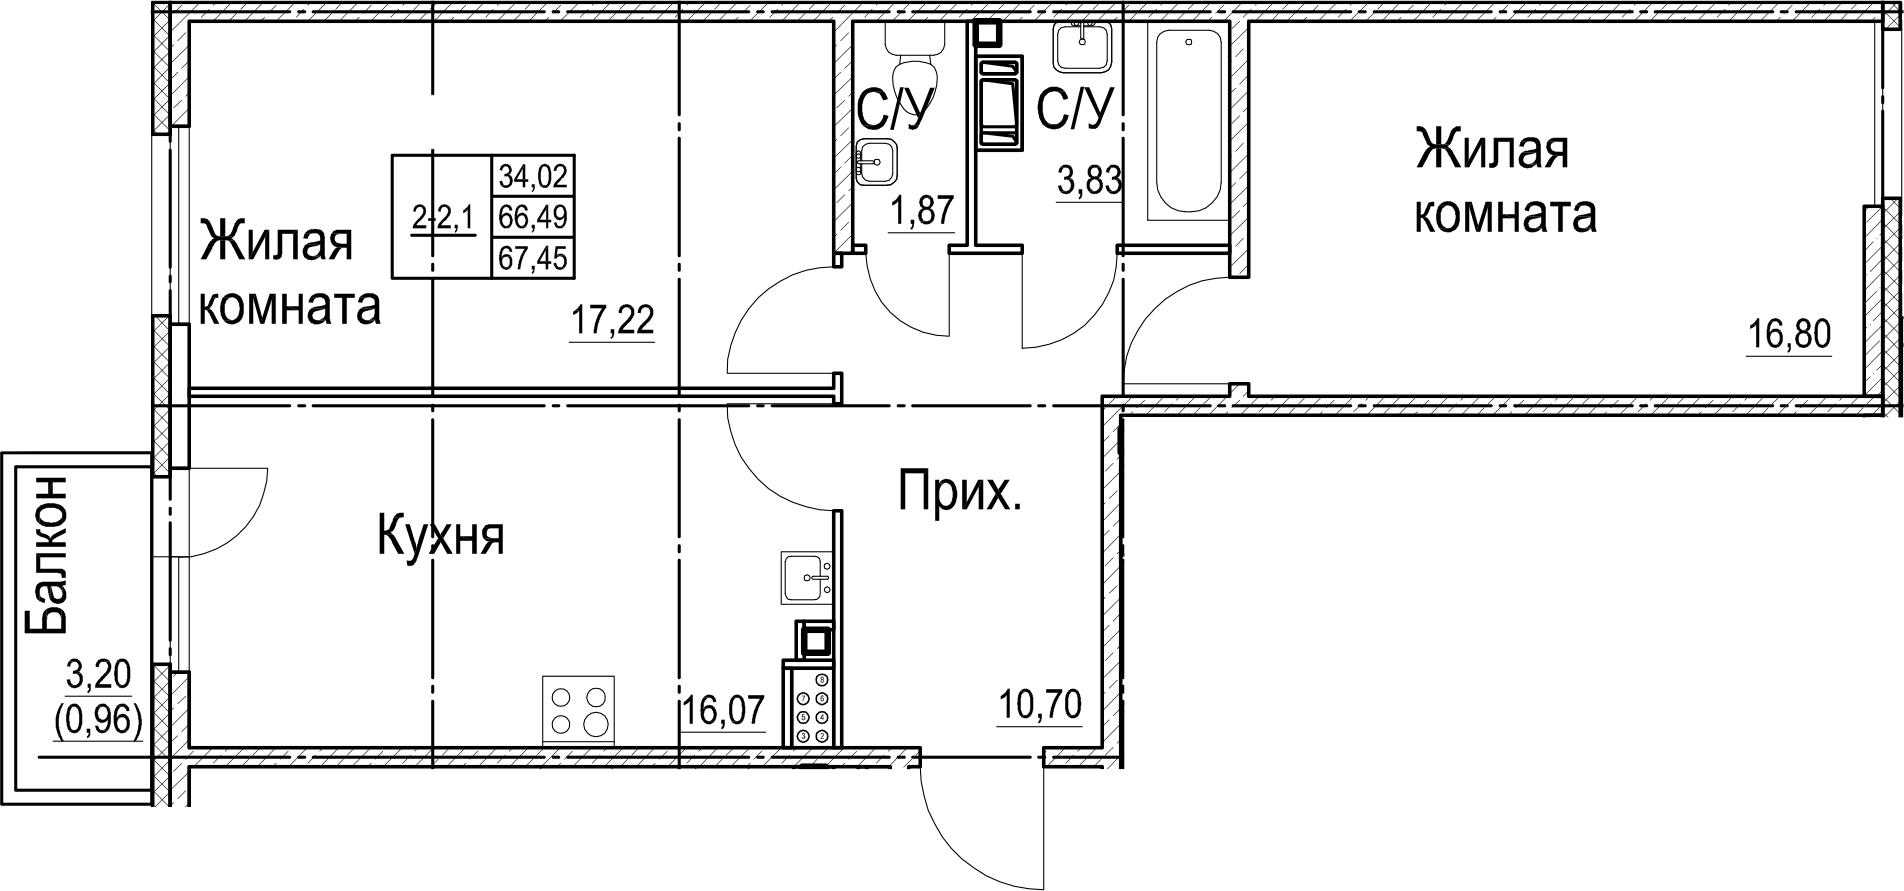 2-к.кв, 67.45 м², 8 этаж